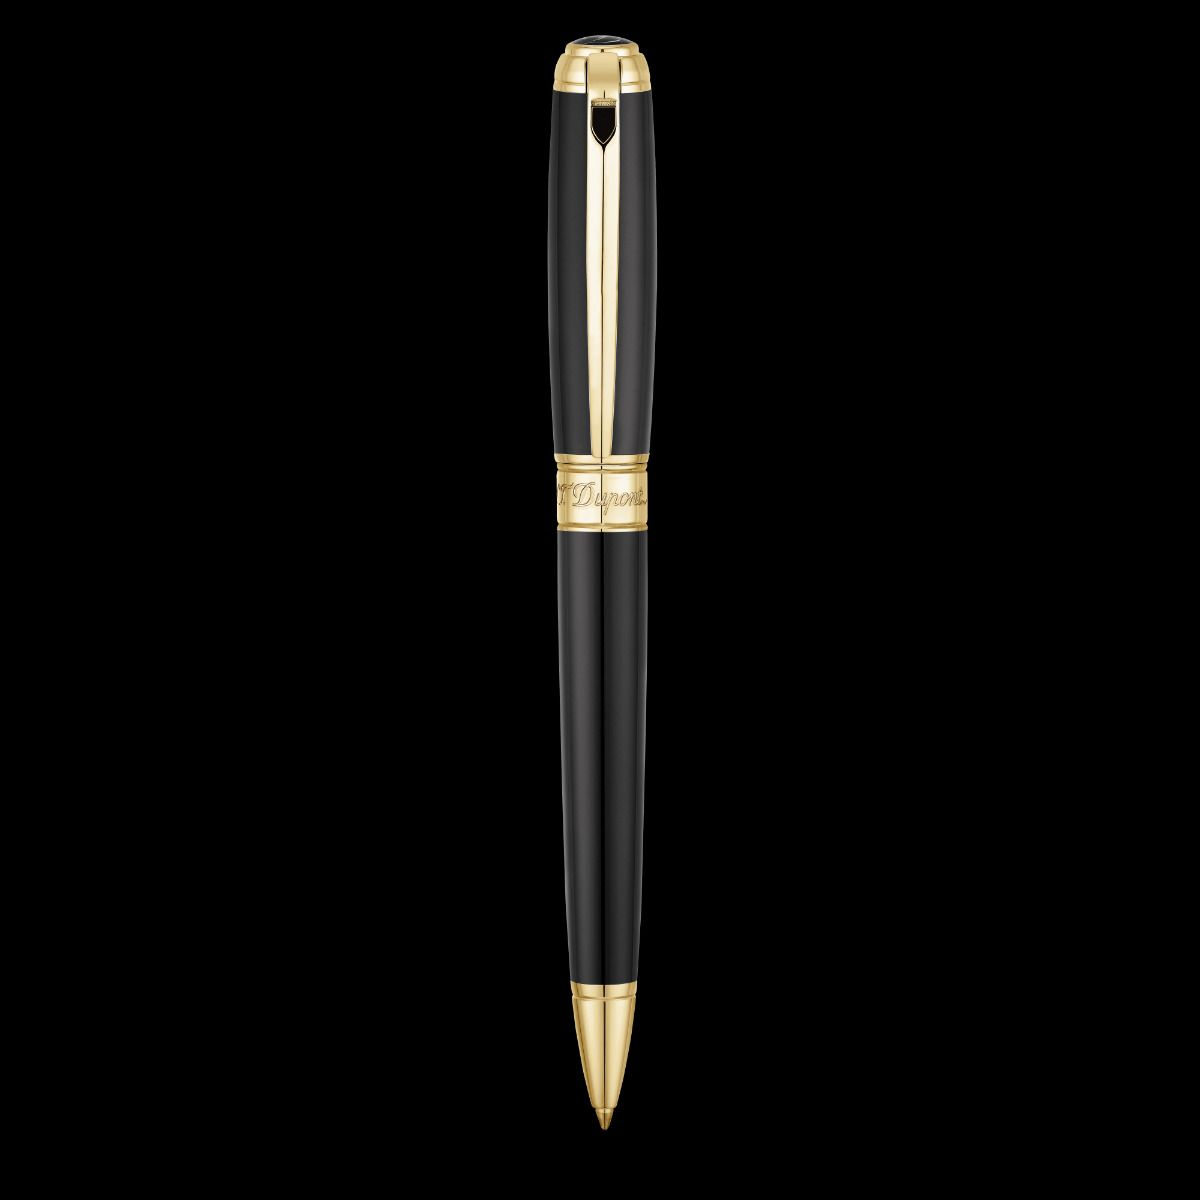 Caneta de design em ouro preto e amarelo